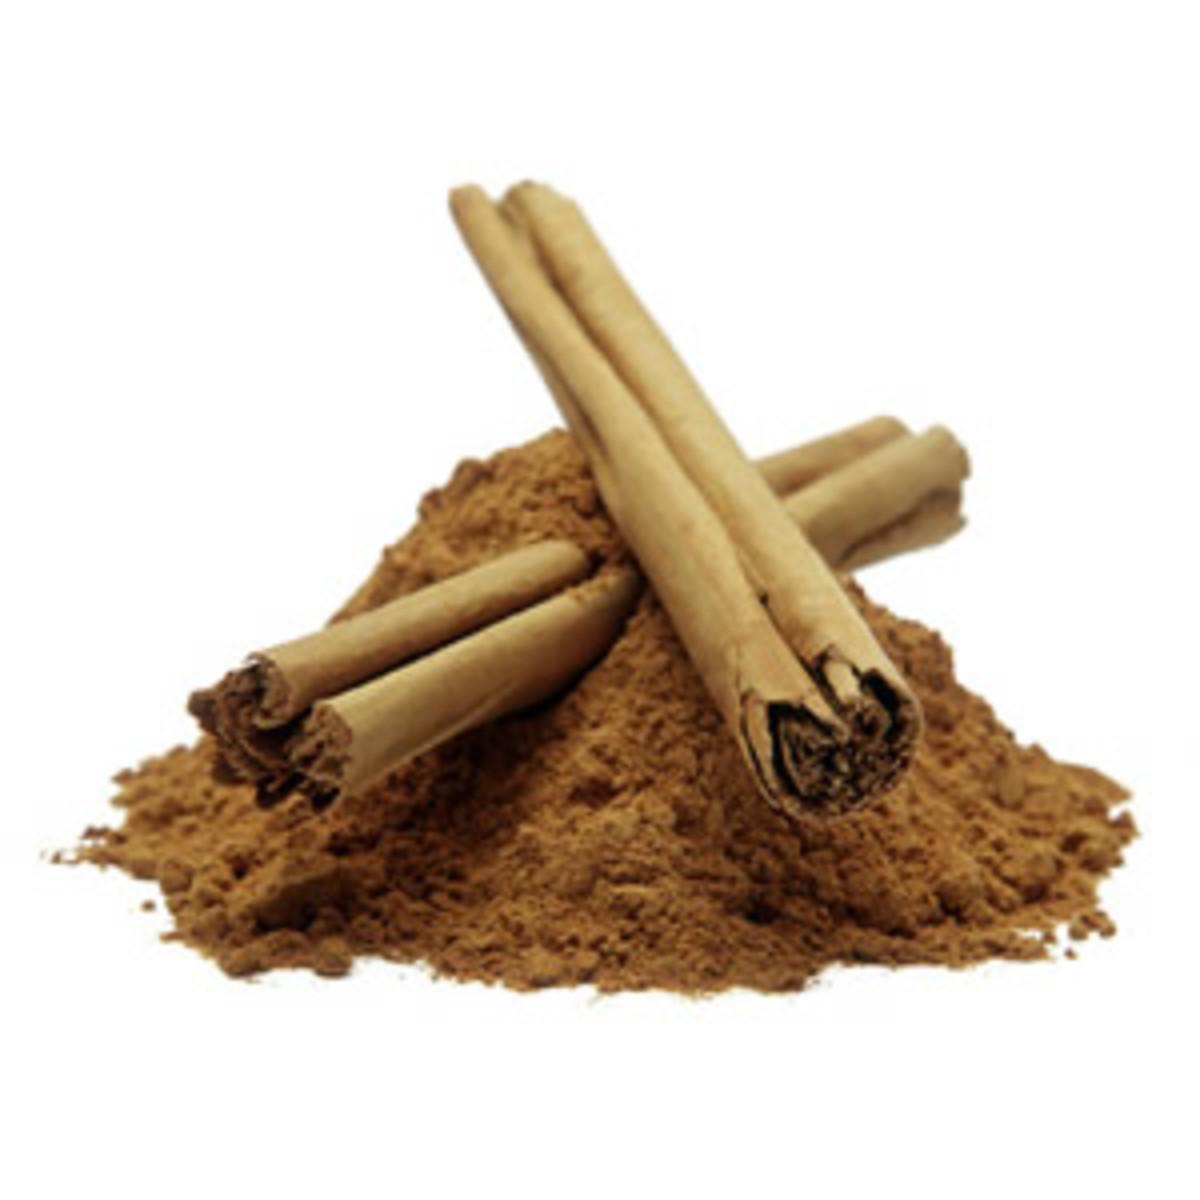 Cinnamon is effective in treating high blood pressure